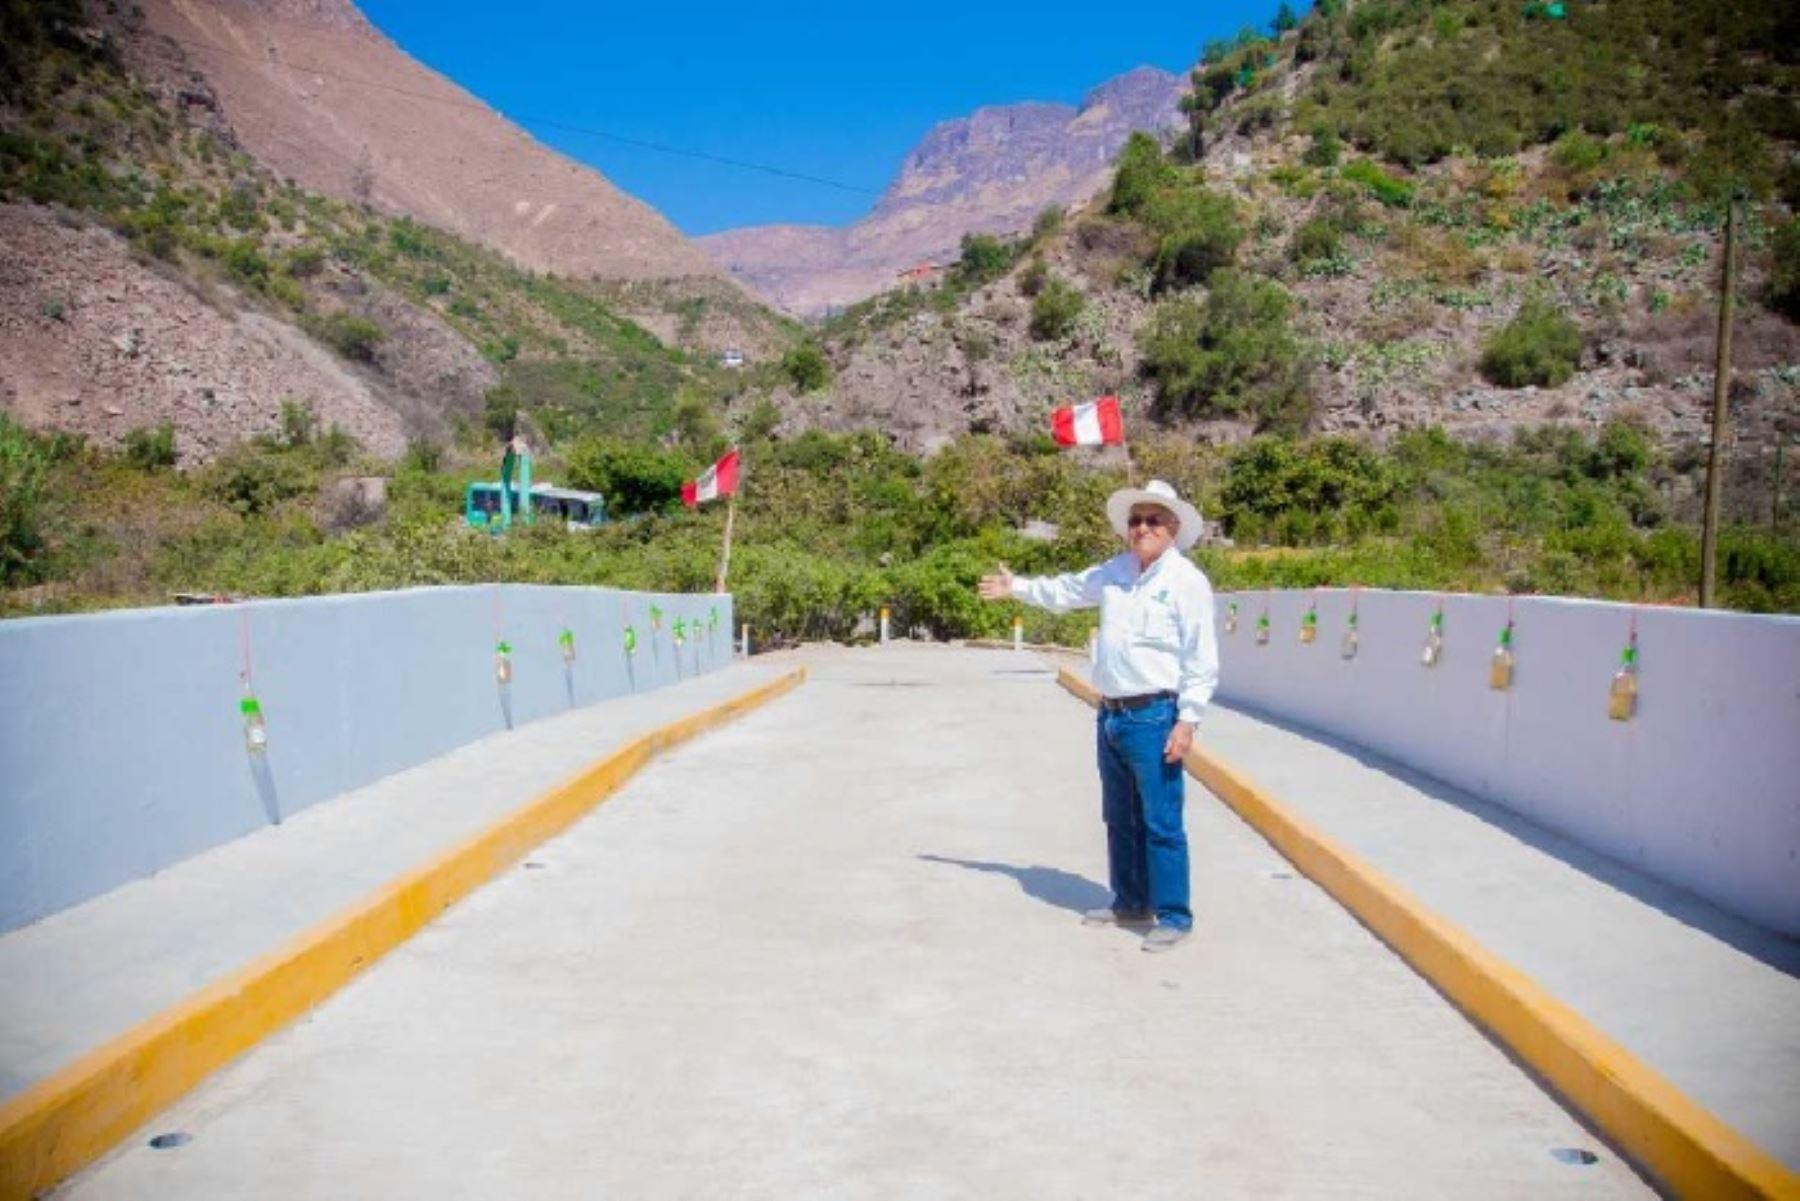 La obra en su II meta comprenderá el mejoramiento de 5 kilómetros de la carretera Río Seco-Laya-La Pedrera.